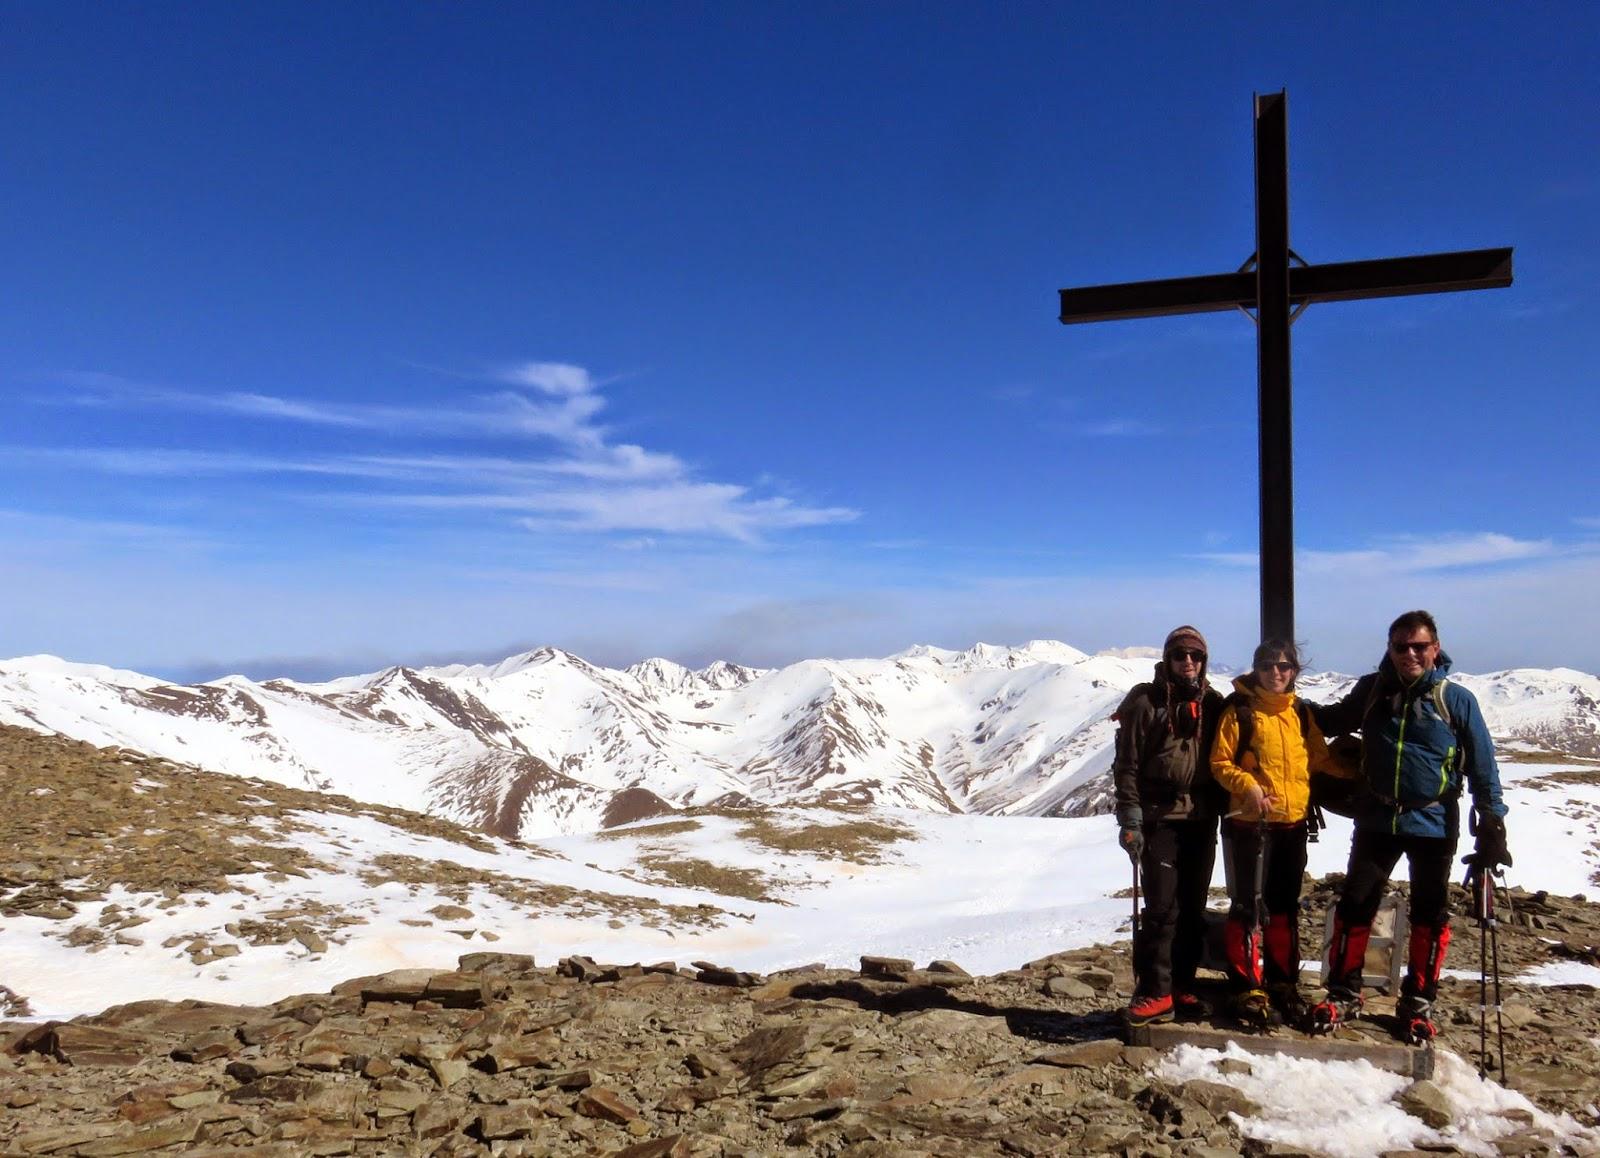 Cruz en la cima del pico Puigmal en invierno.